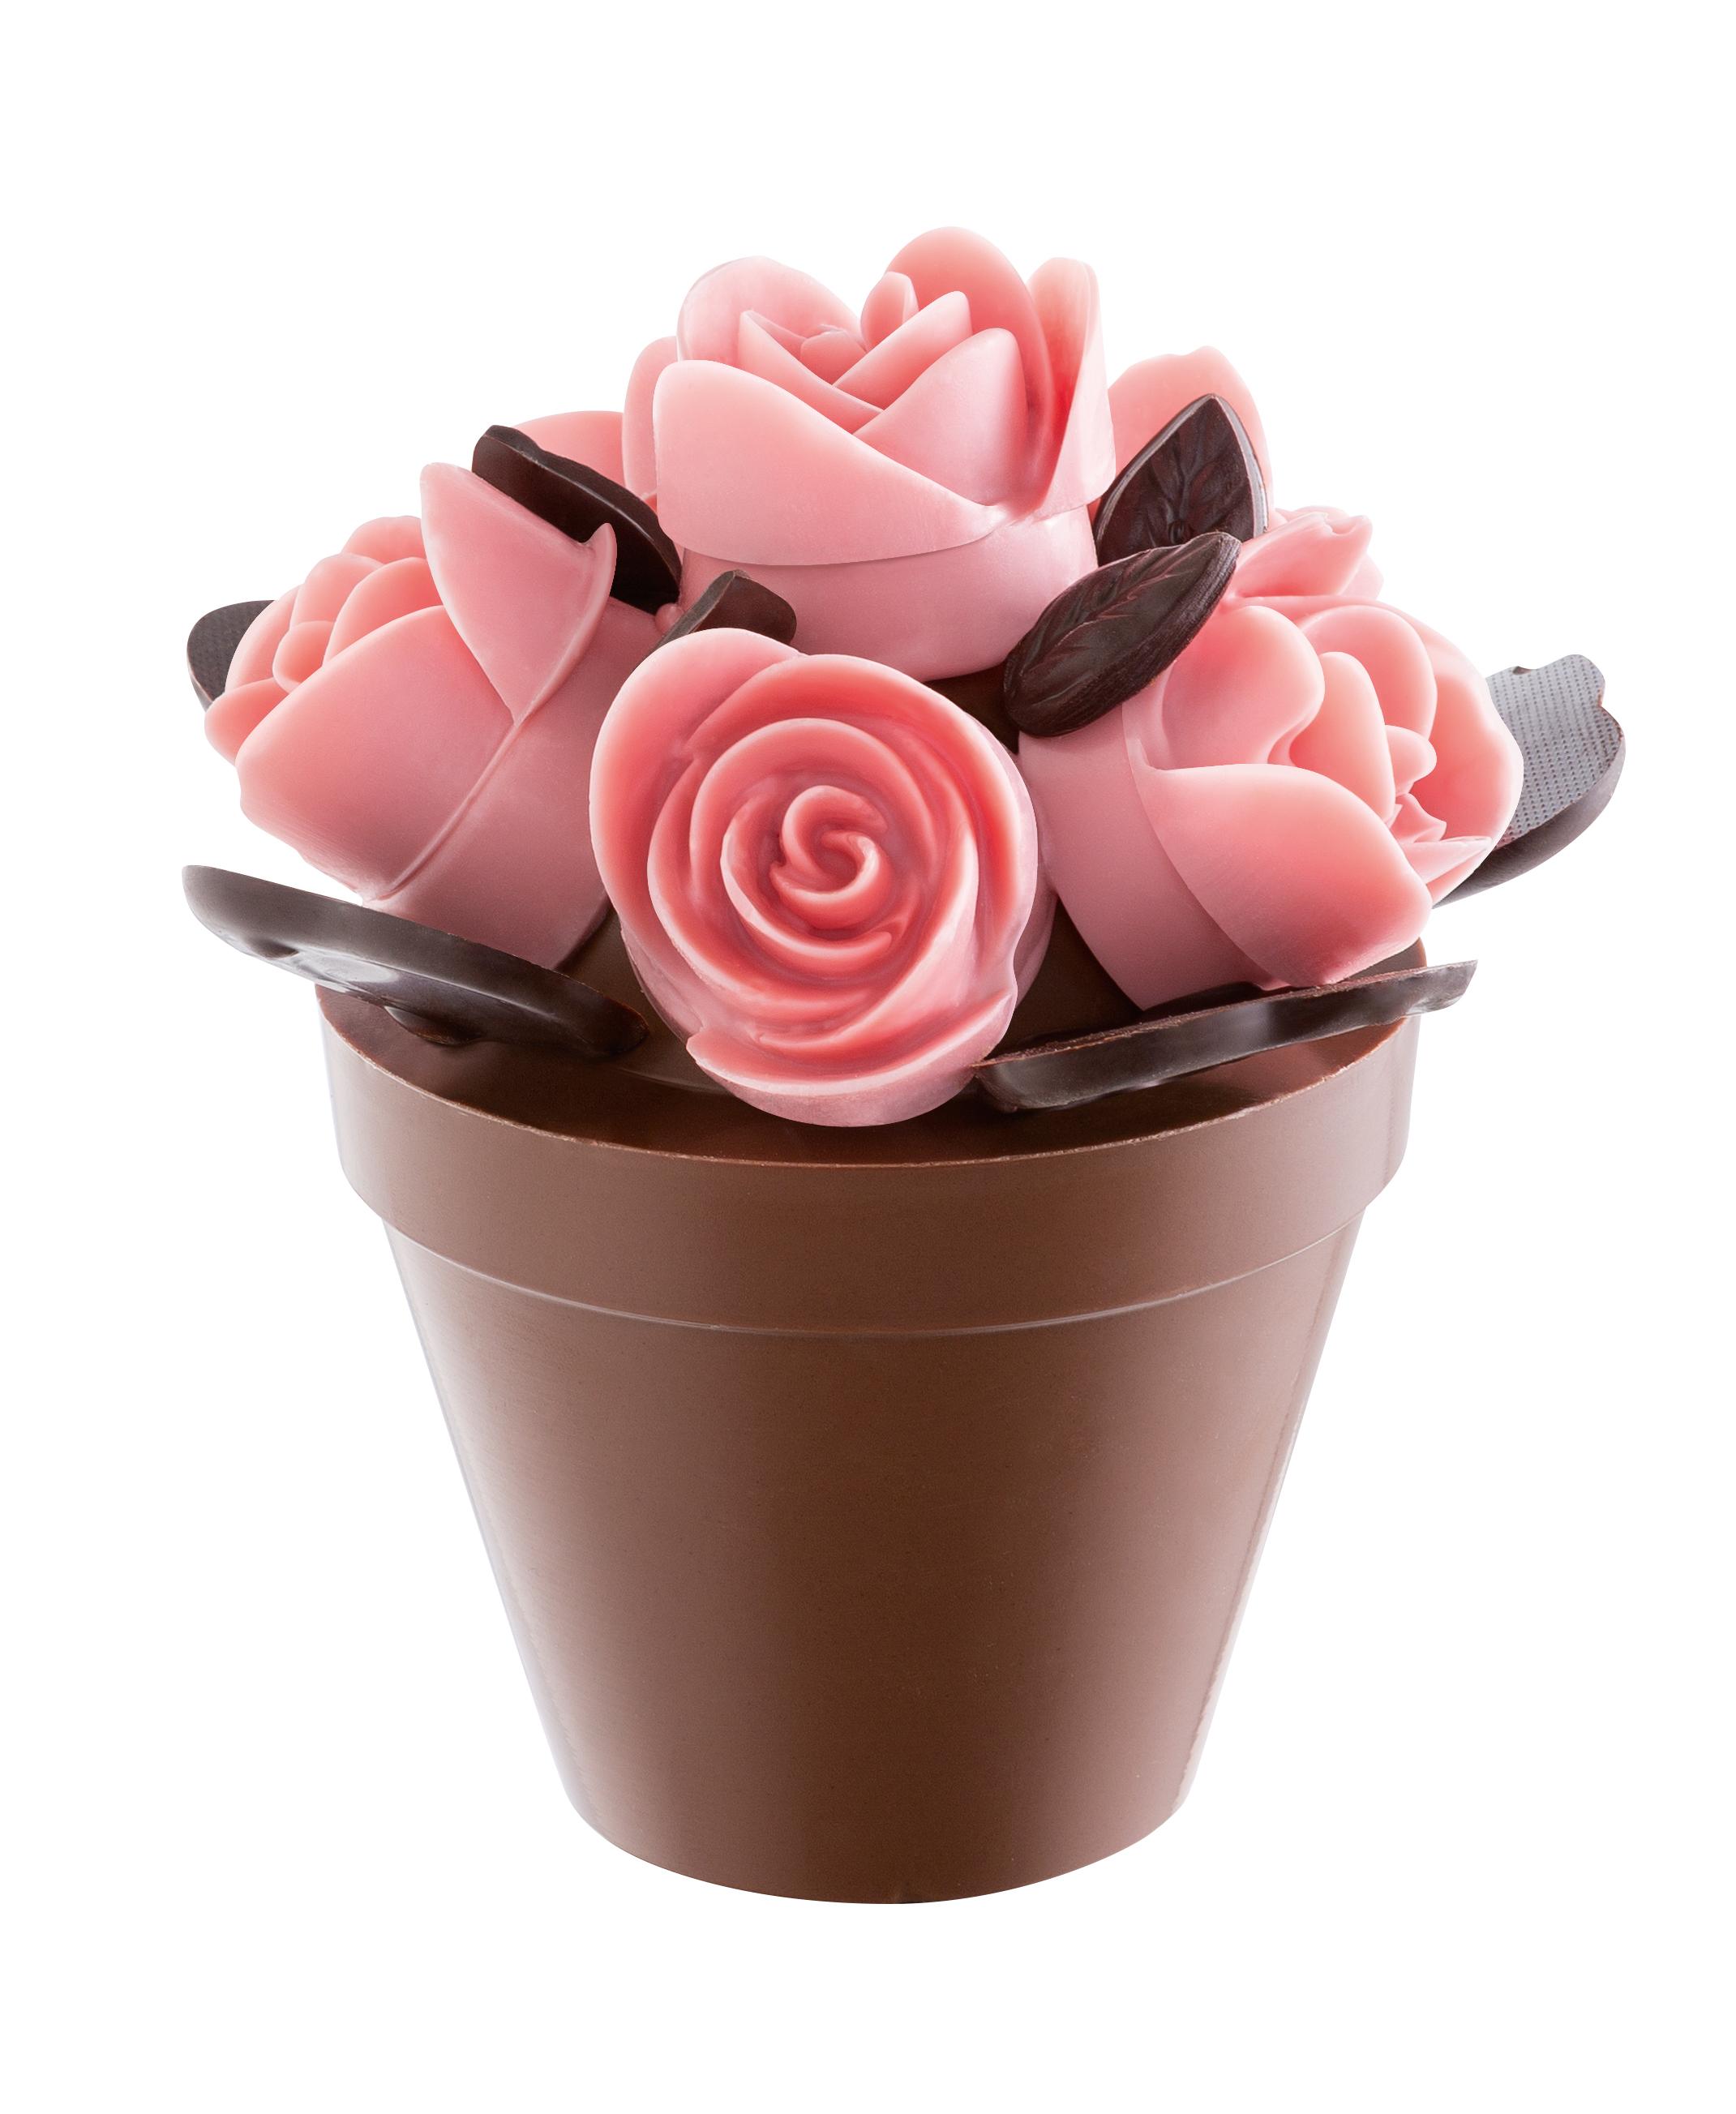 Un bouquet de roses en chocolat pour la f te des m res avec roland r aut - Quelle est la date de la fete des meres ...